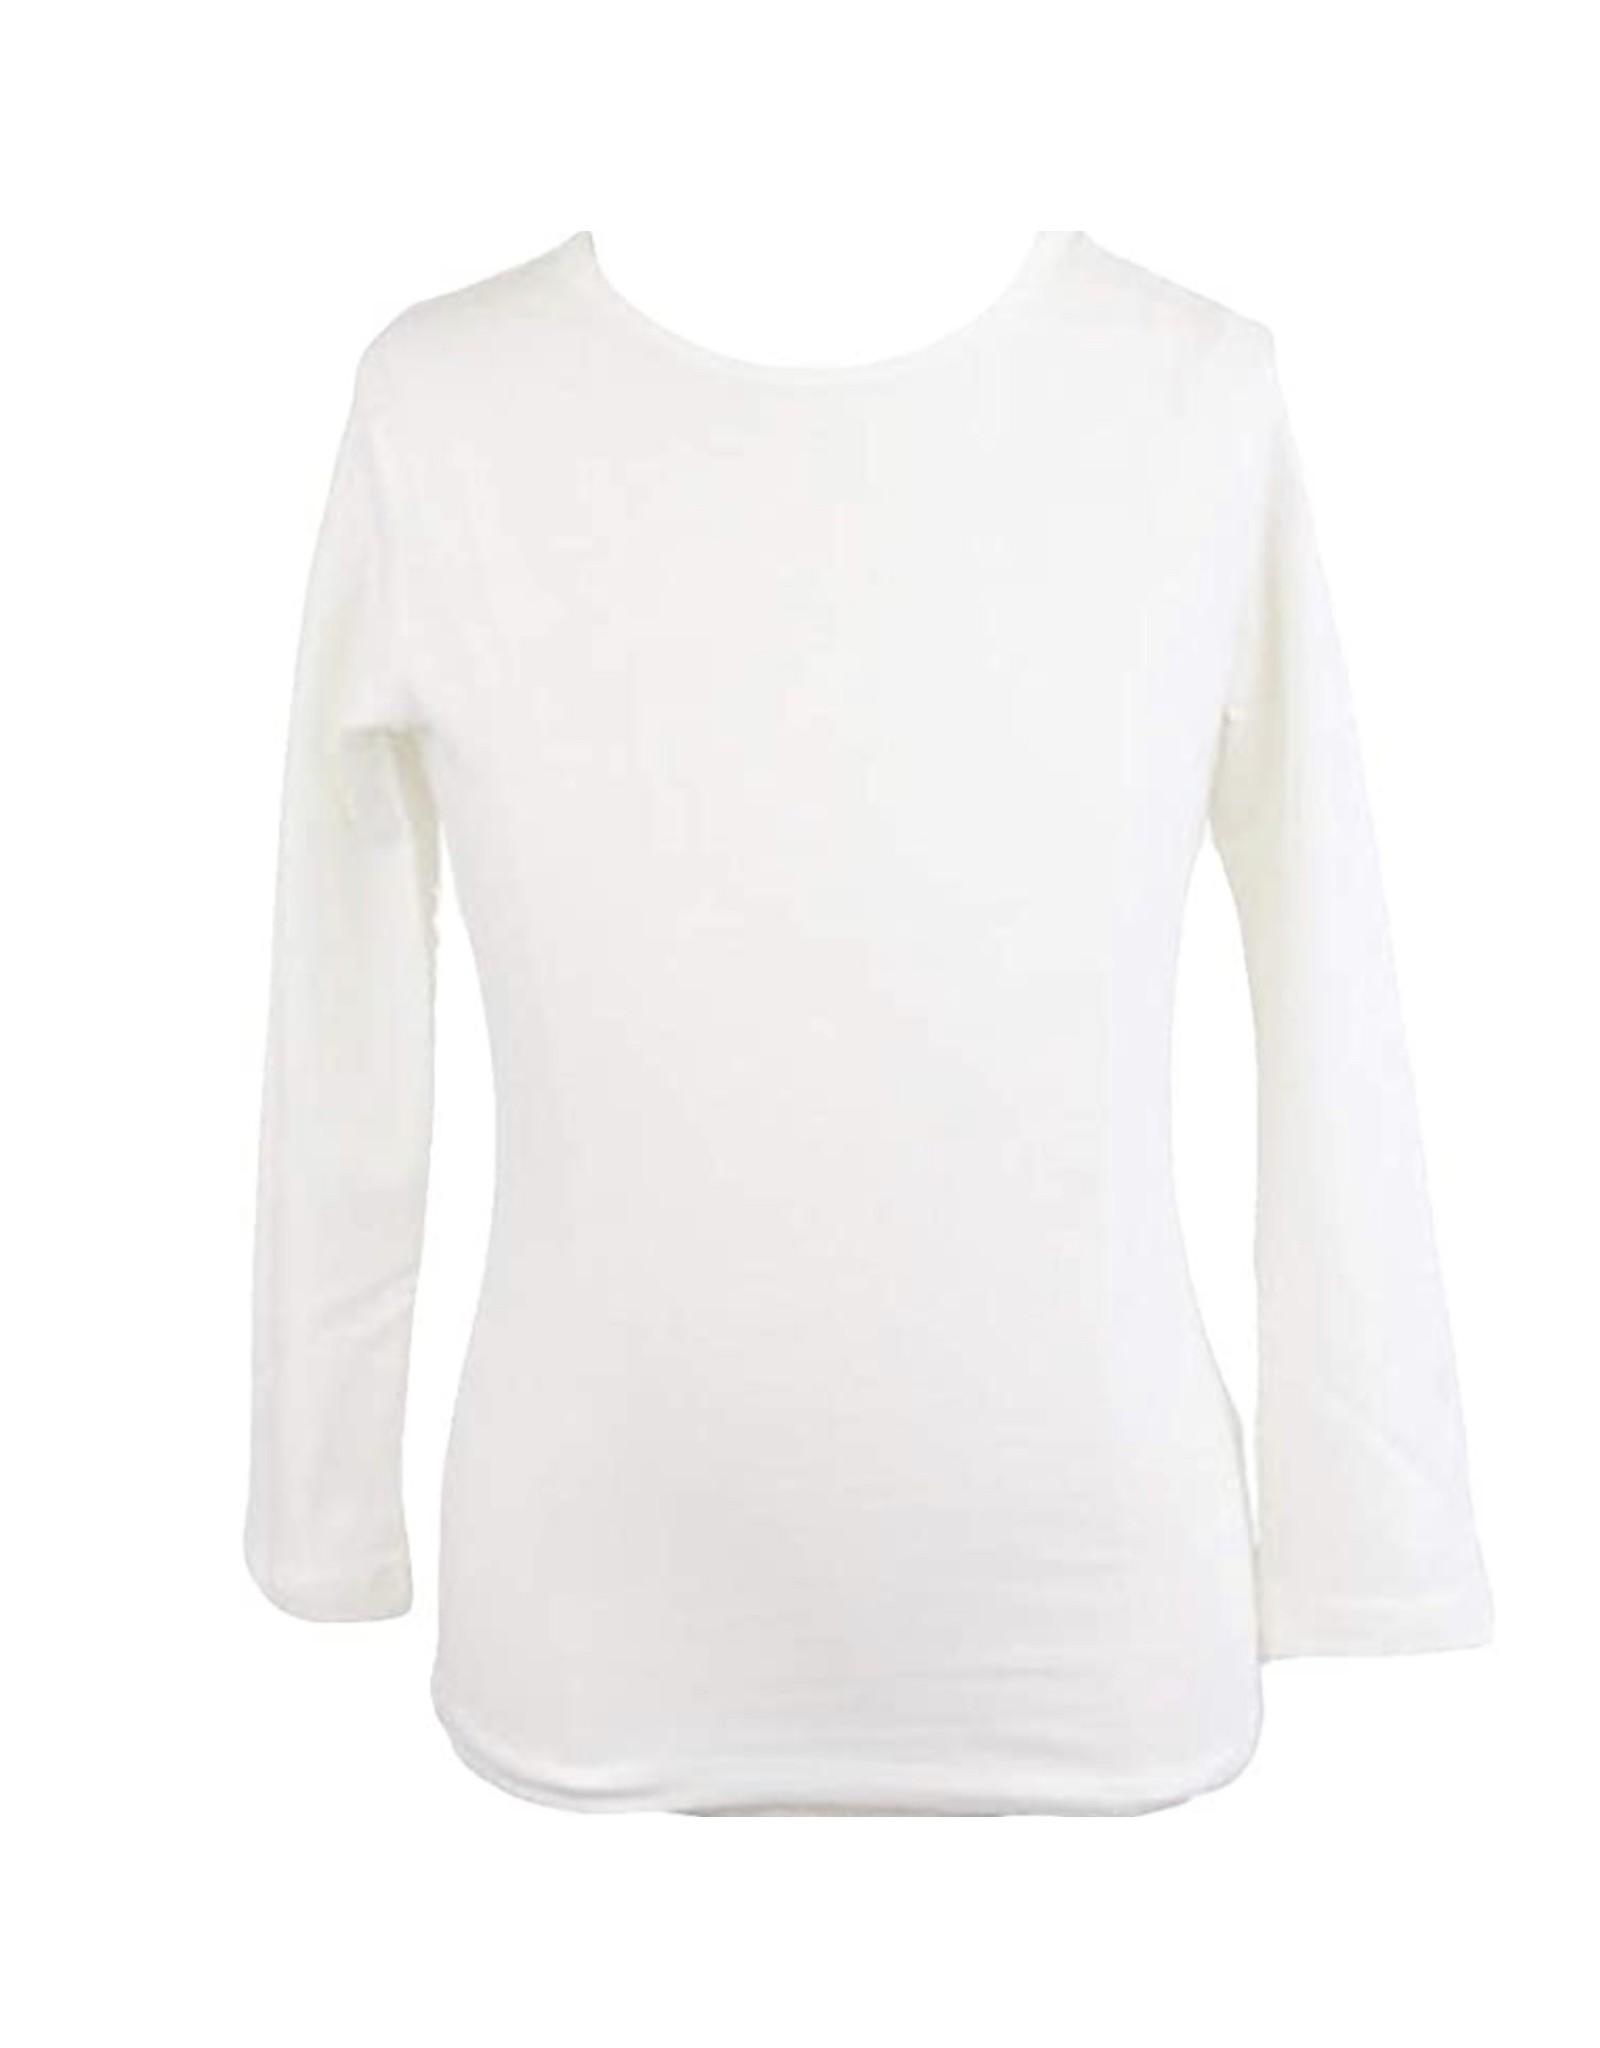 Kiki Riki Kiki Riki Girls Long Sleeve Cotton Shell 19408